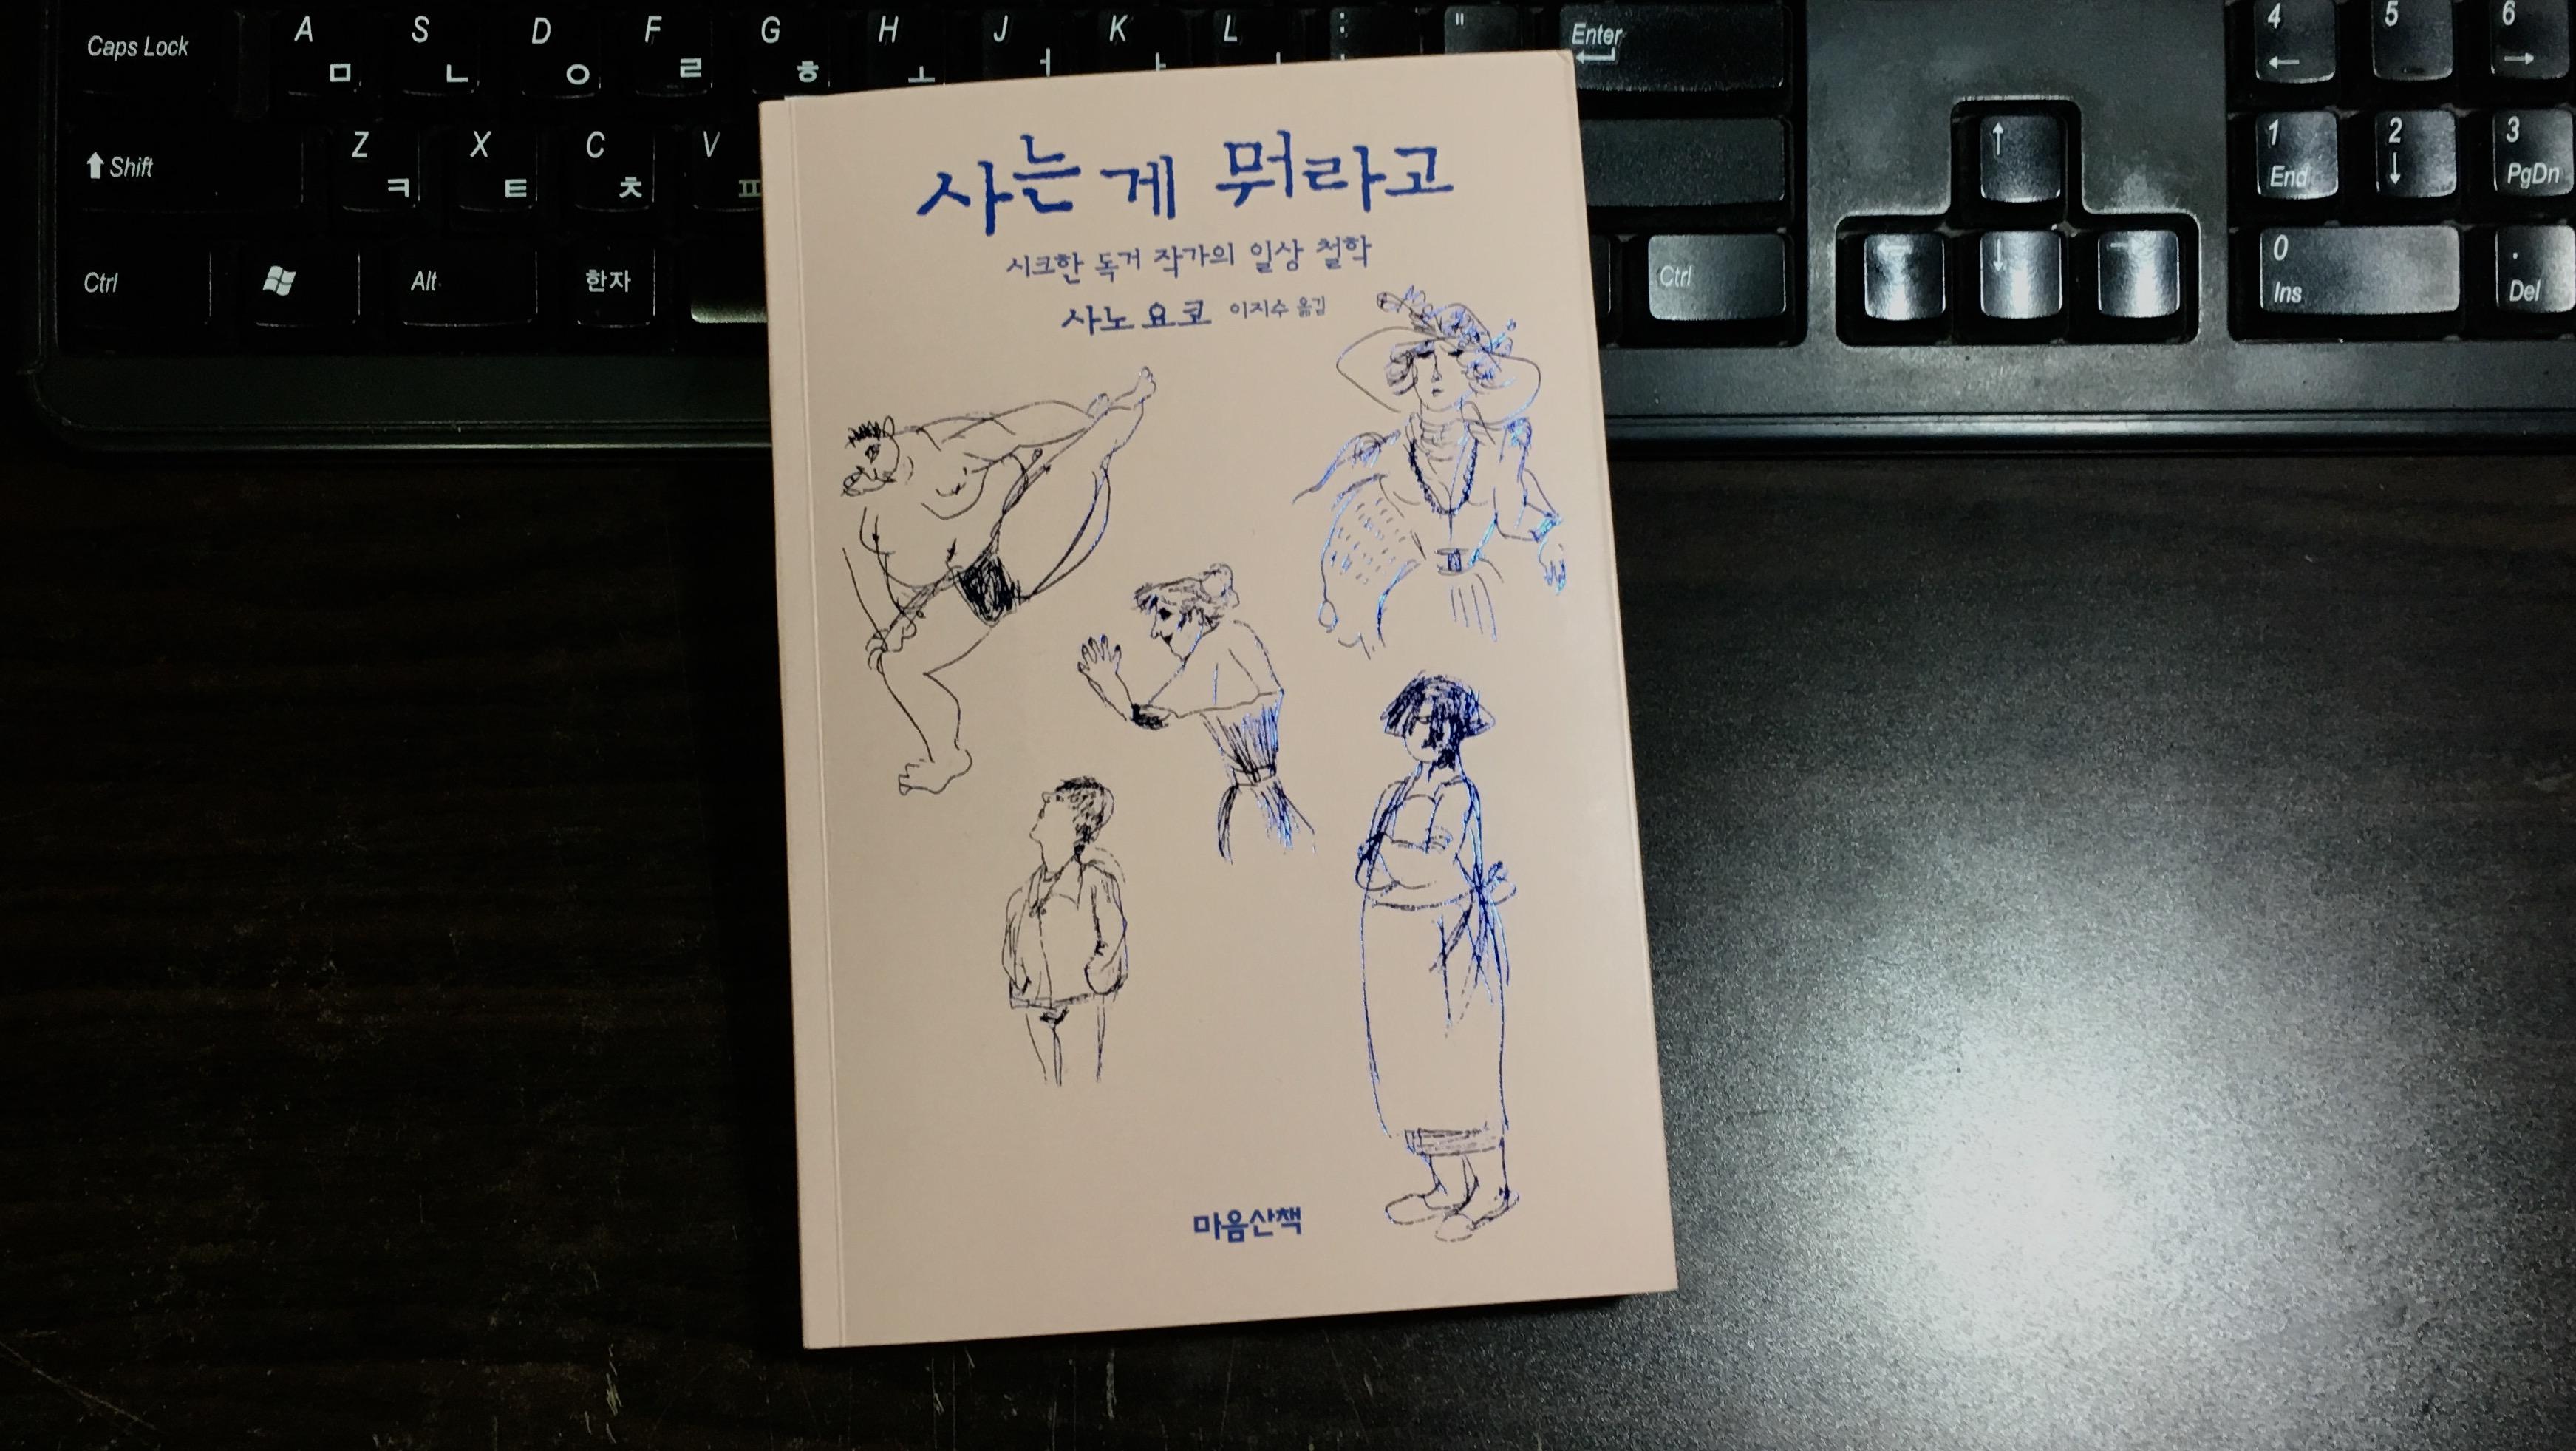 사는게 뭐라고 - 사노 요코 / 이지수 역